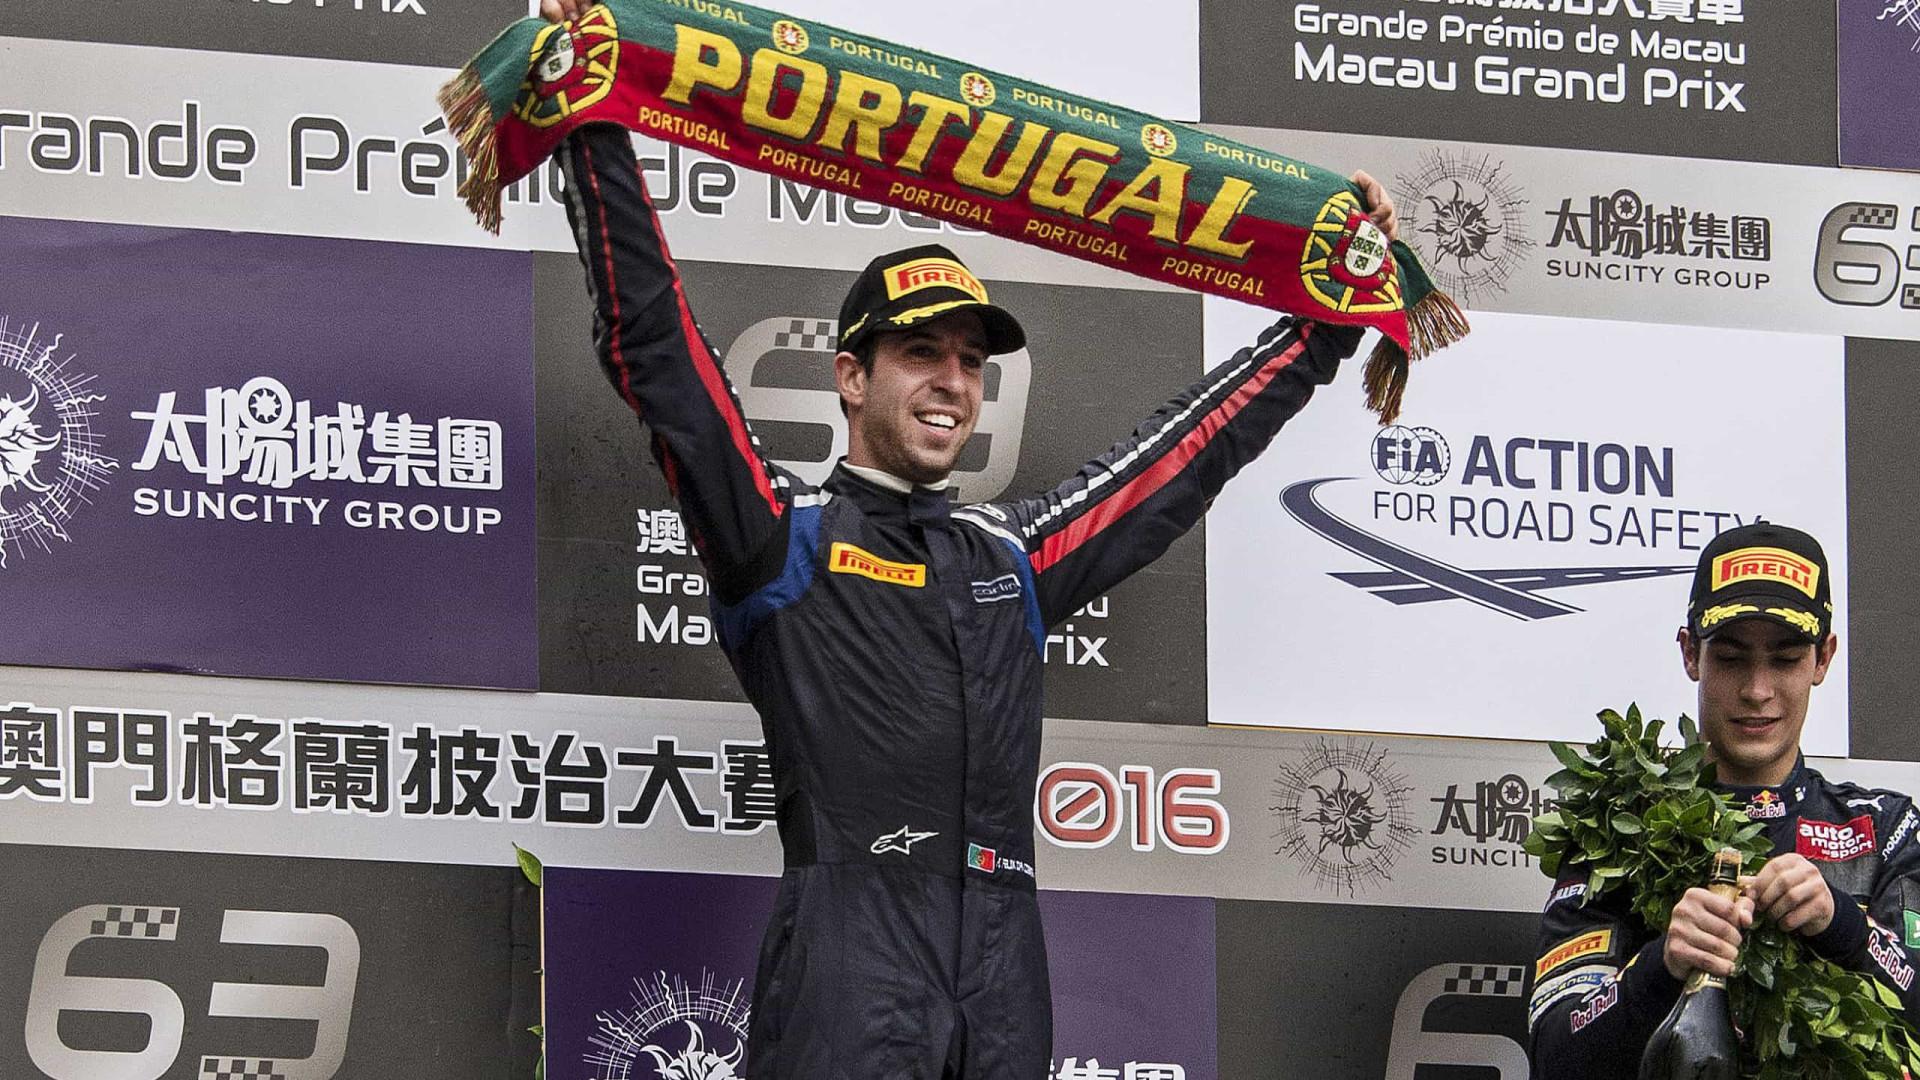 Félix da Costa abandona em Marraquexe e perde liderança do campeonato